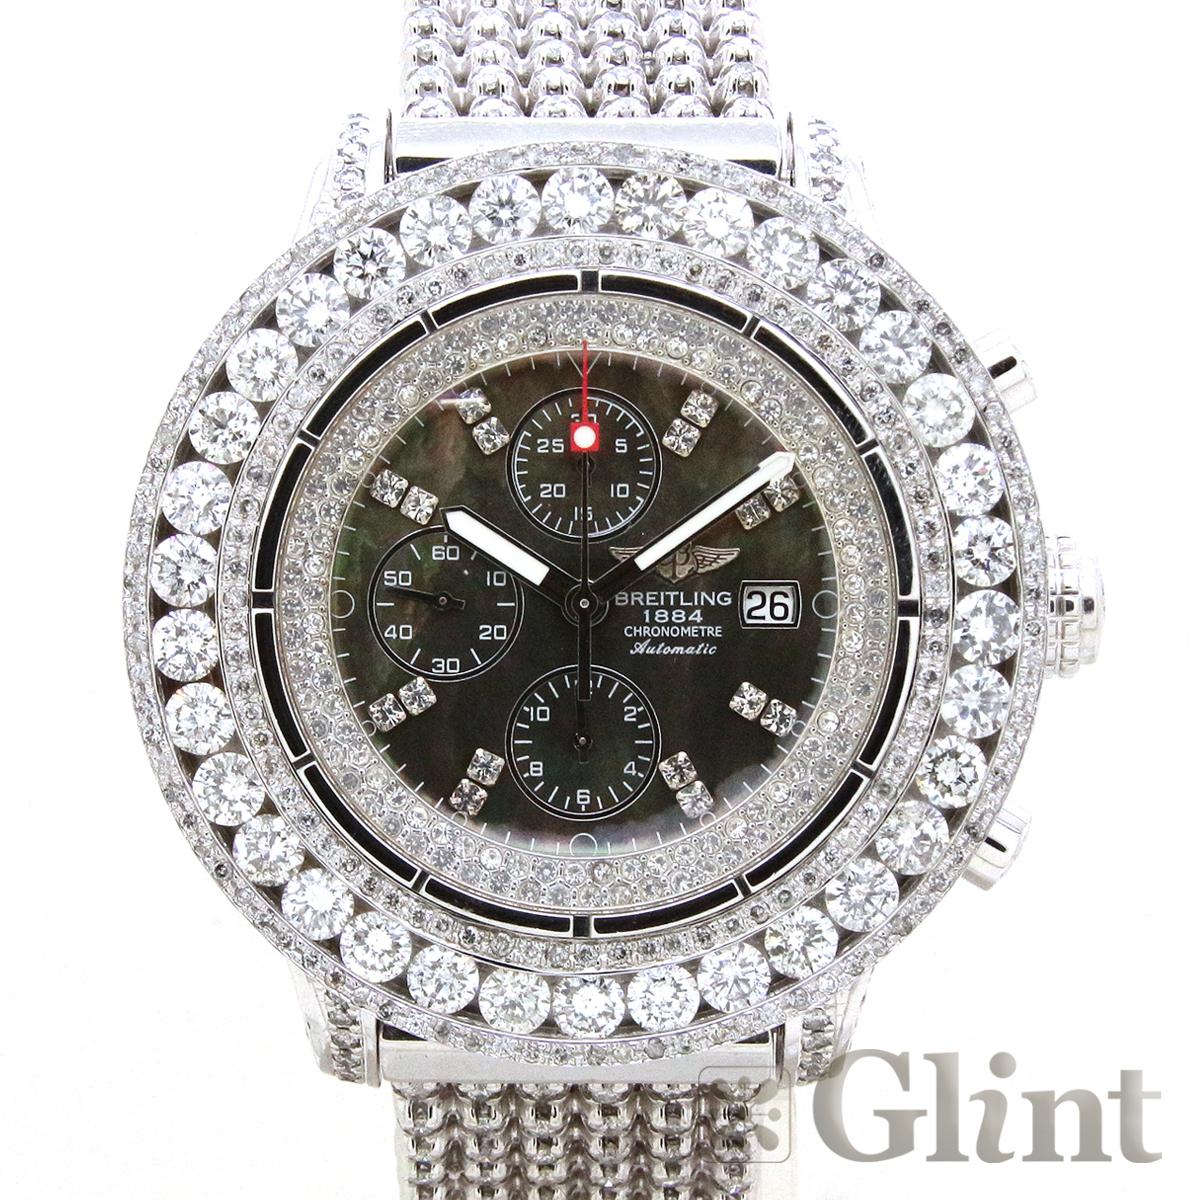 ブライトリング【BREITLING】スーパーアベンジャー A13370〔フルダイヤモンド〕〔カスタム〕〔メンズ〕〔腕時計〕【中古】